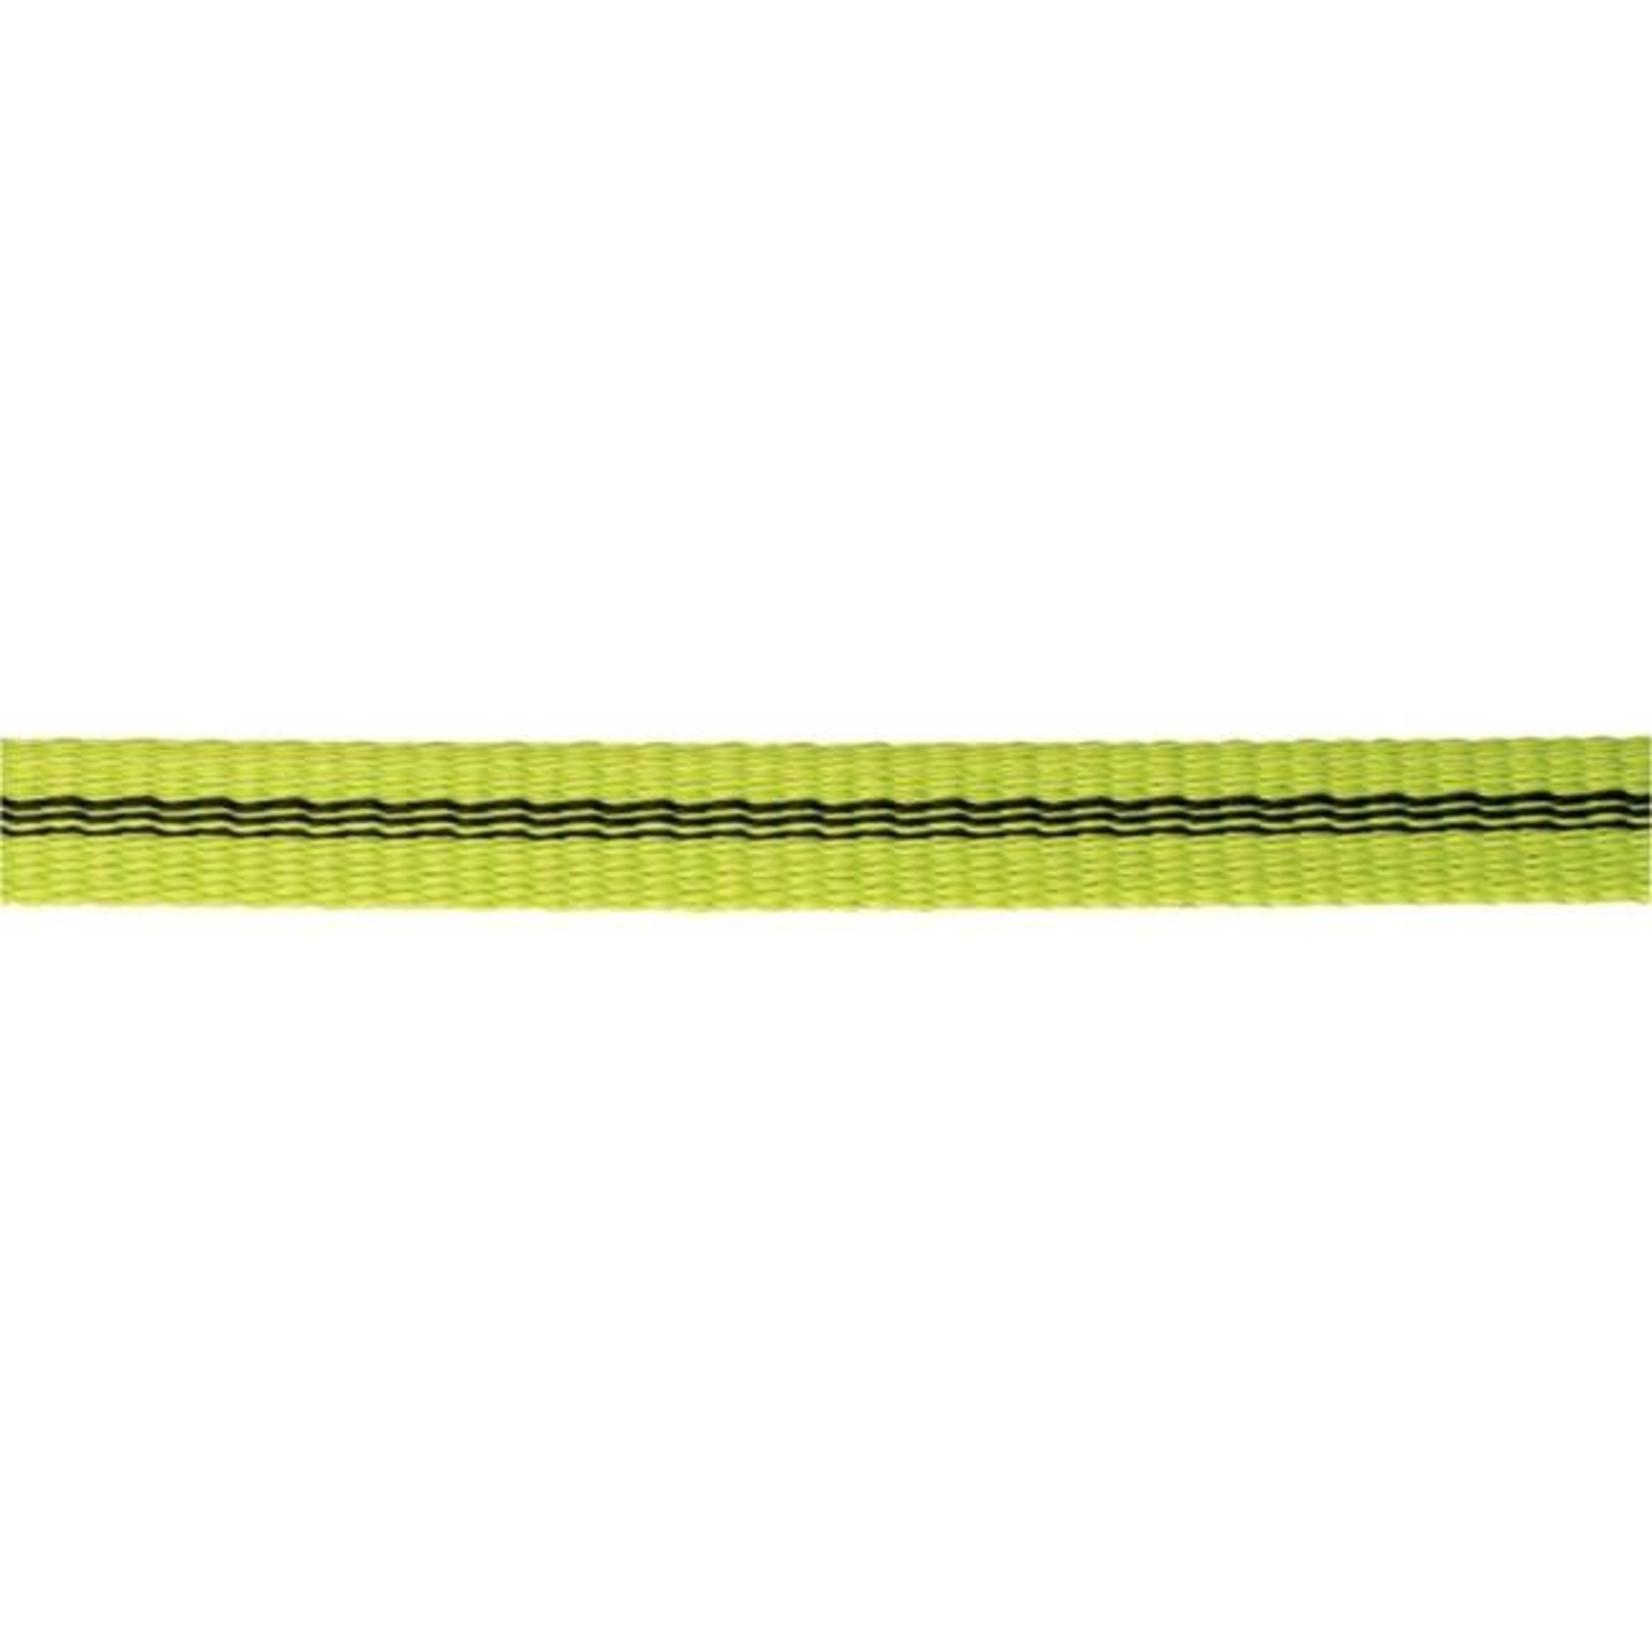 Edelrid Sangle Edelrid Tech Web - 12 mm